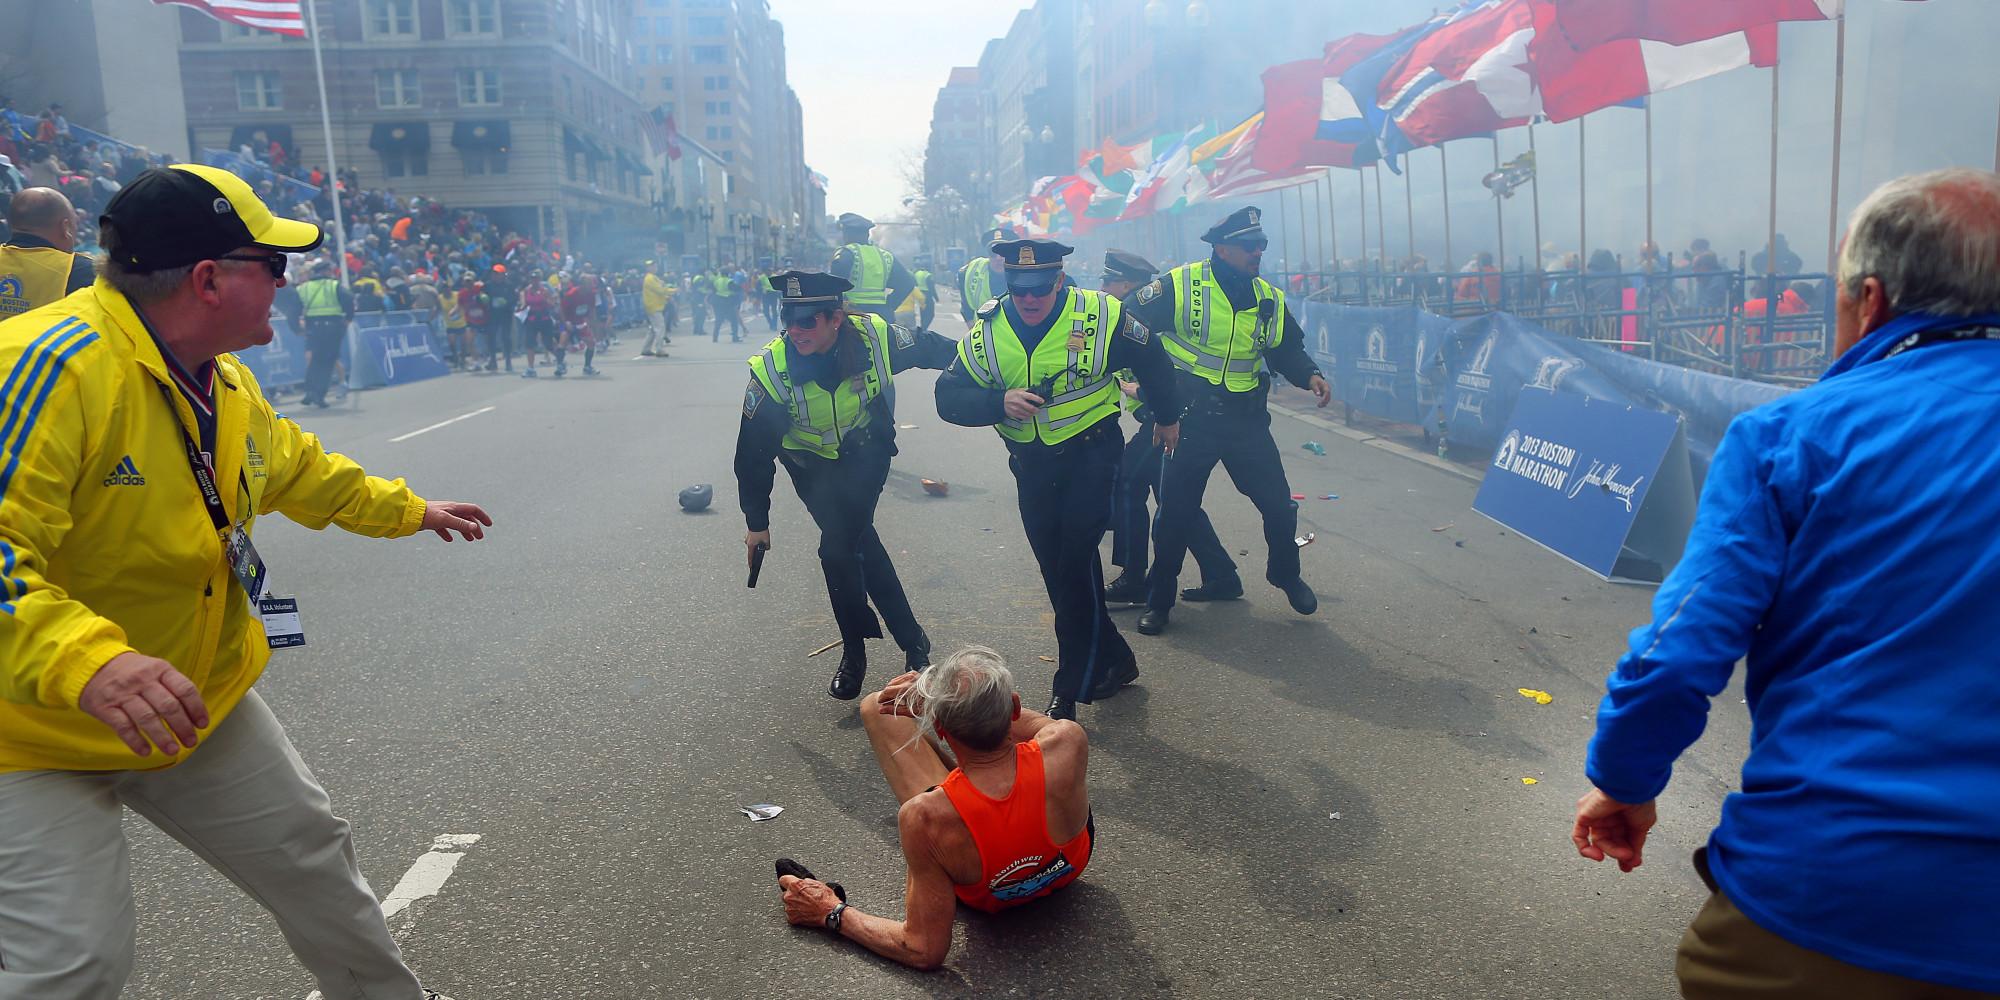 photographer relives taking iconic boston marathon bombing